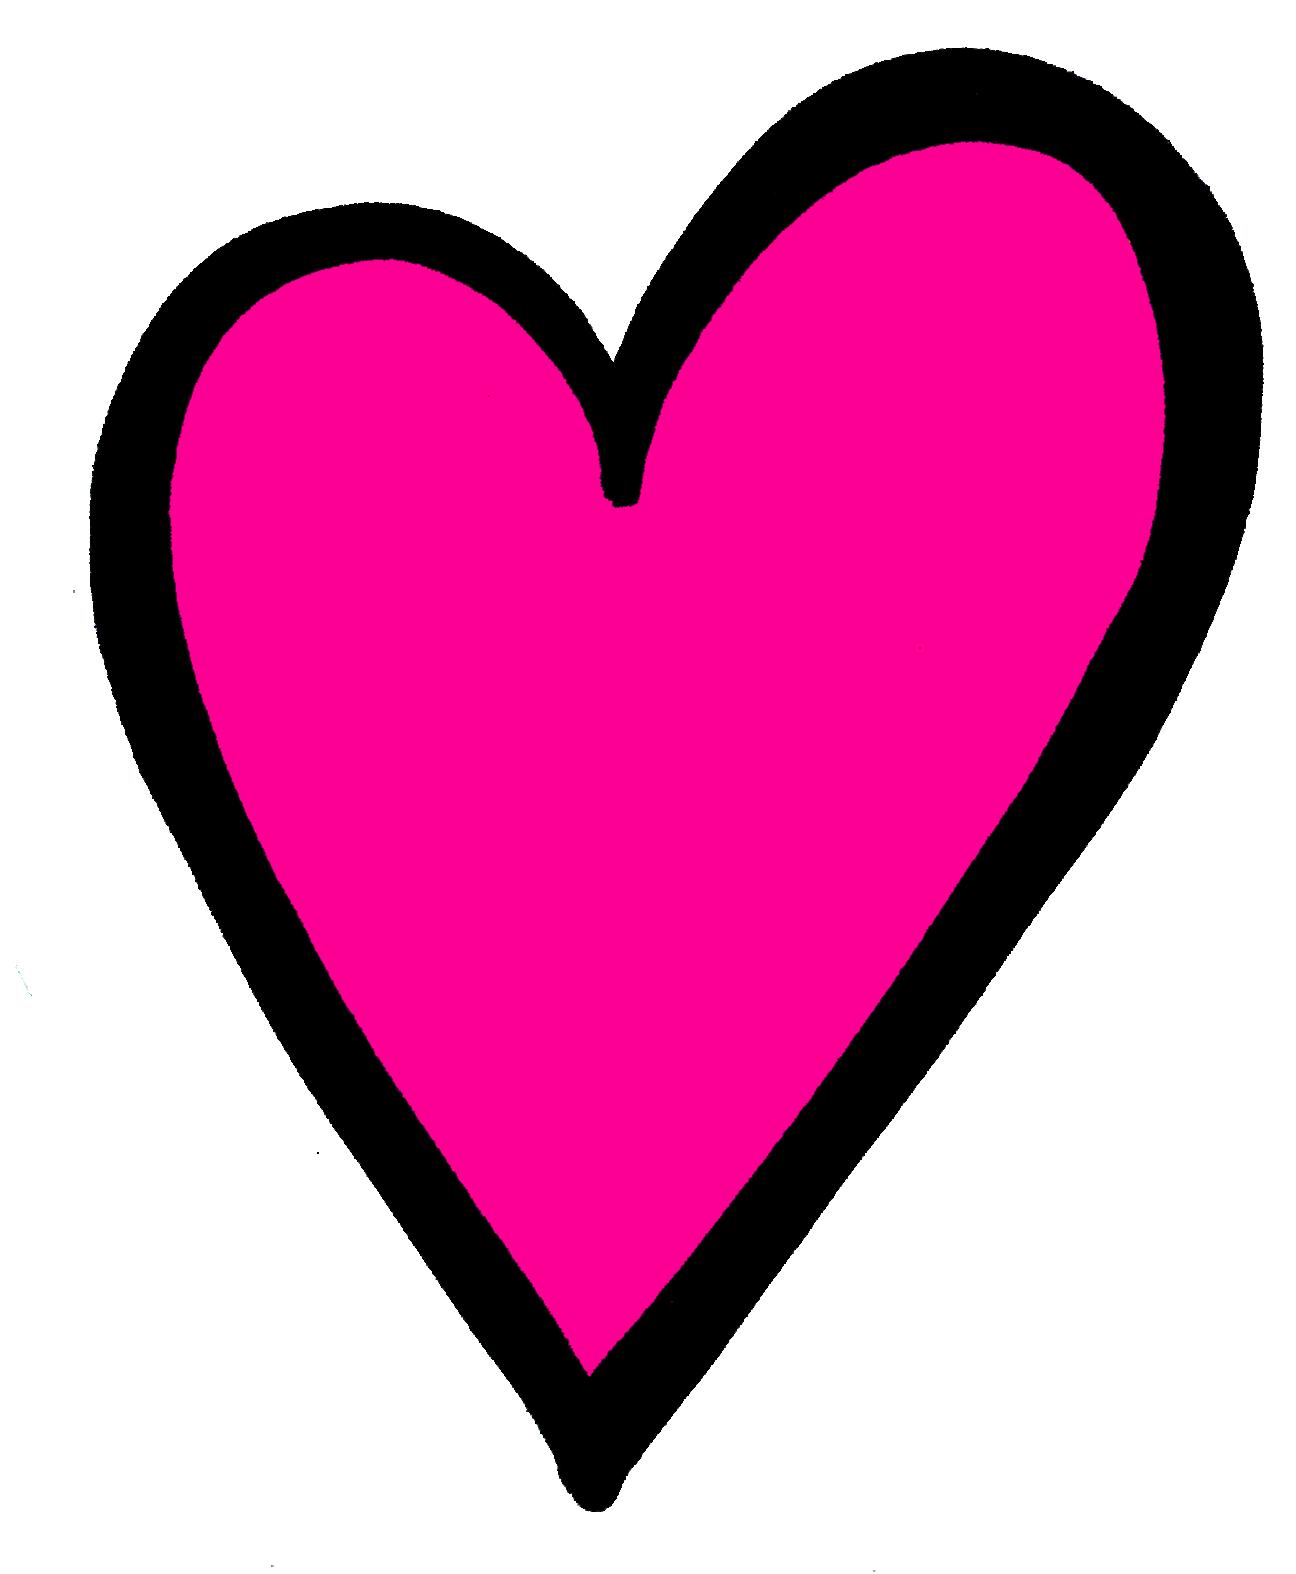 Transparent Pink Heart Clip Art